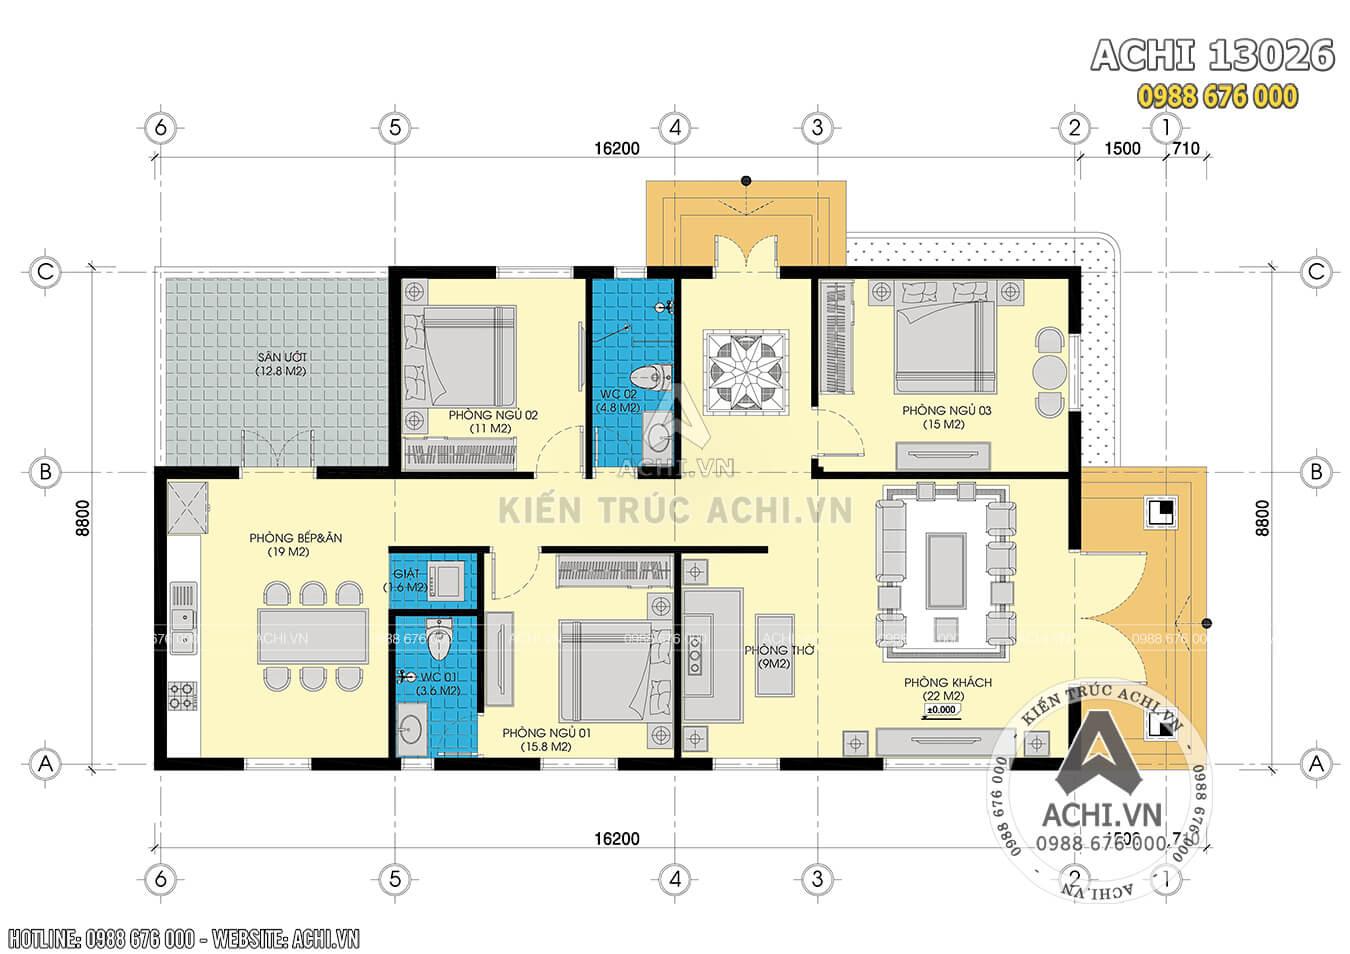 Mặt bằng công năng của mẫu nhà 1 tầng 3 phòng ngủ